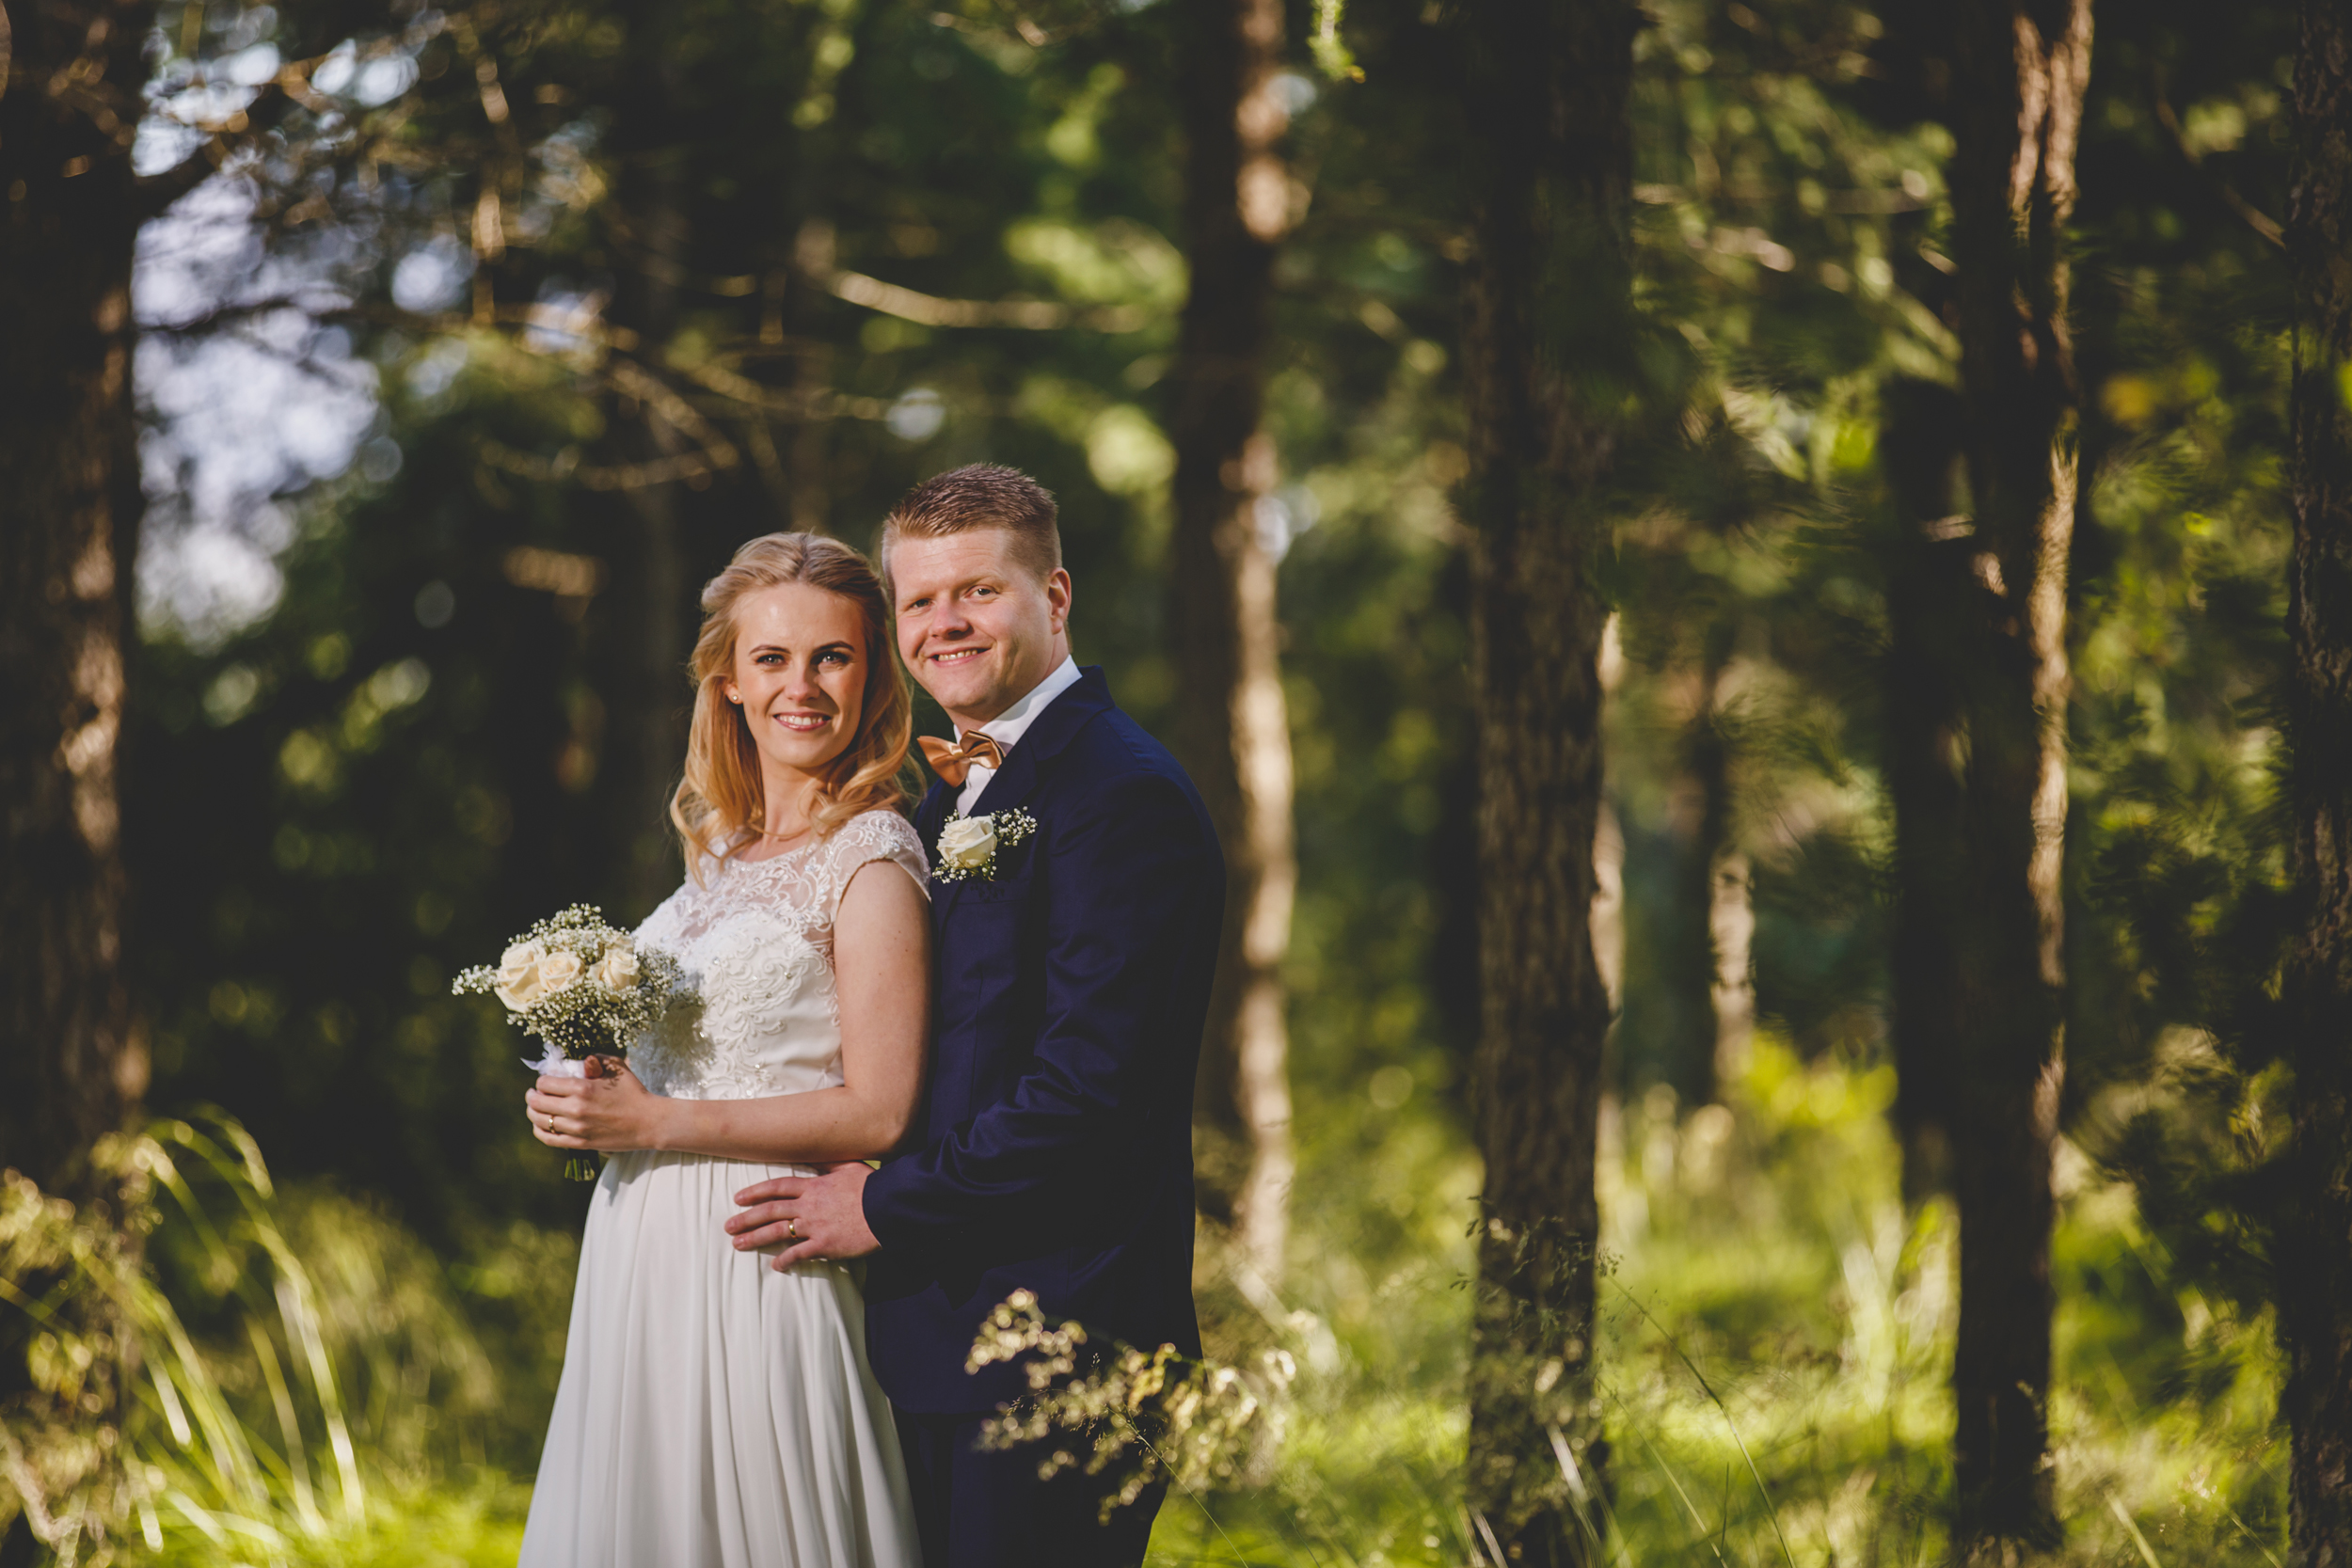 Brudkaup01-217.jpg